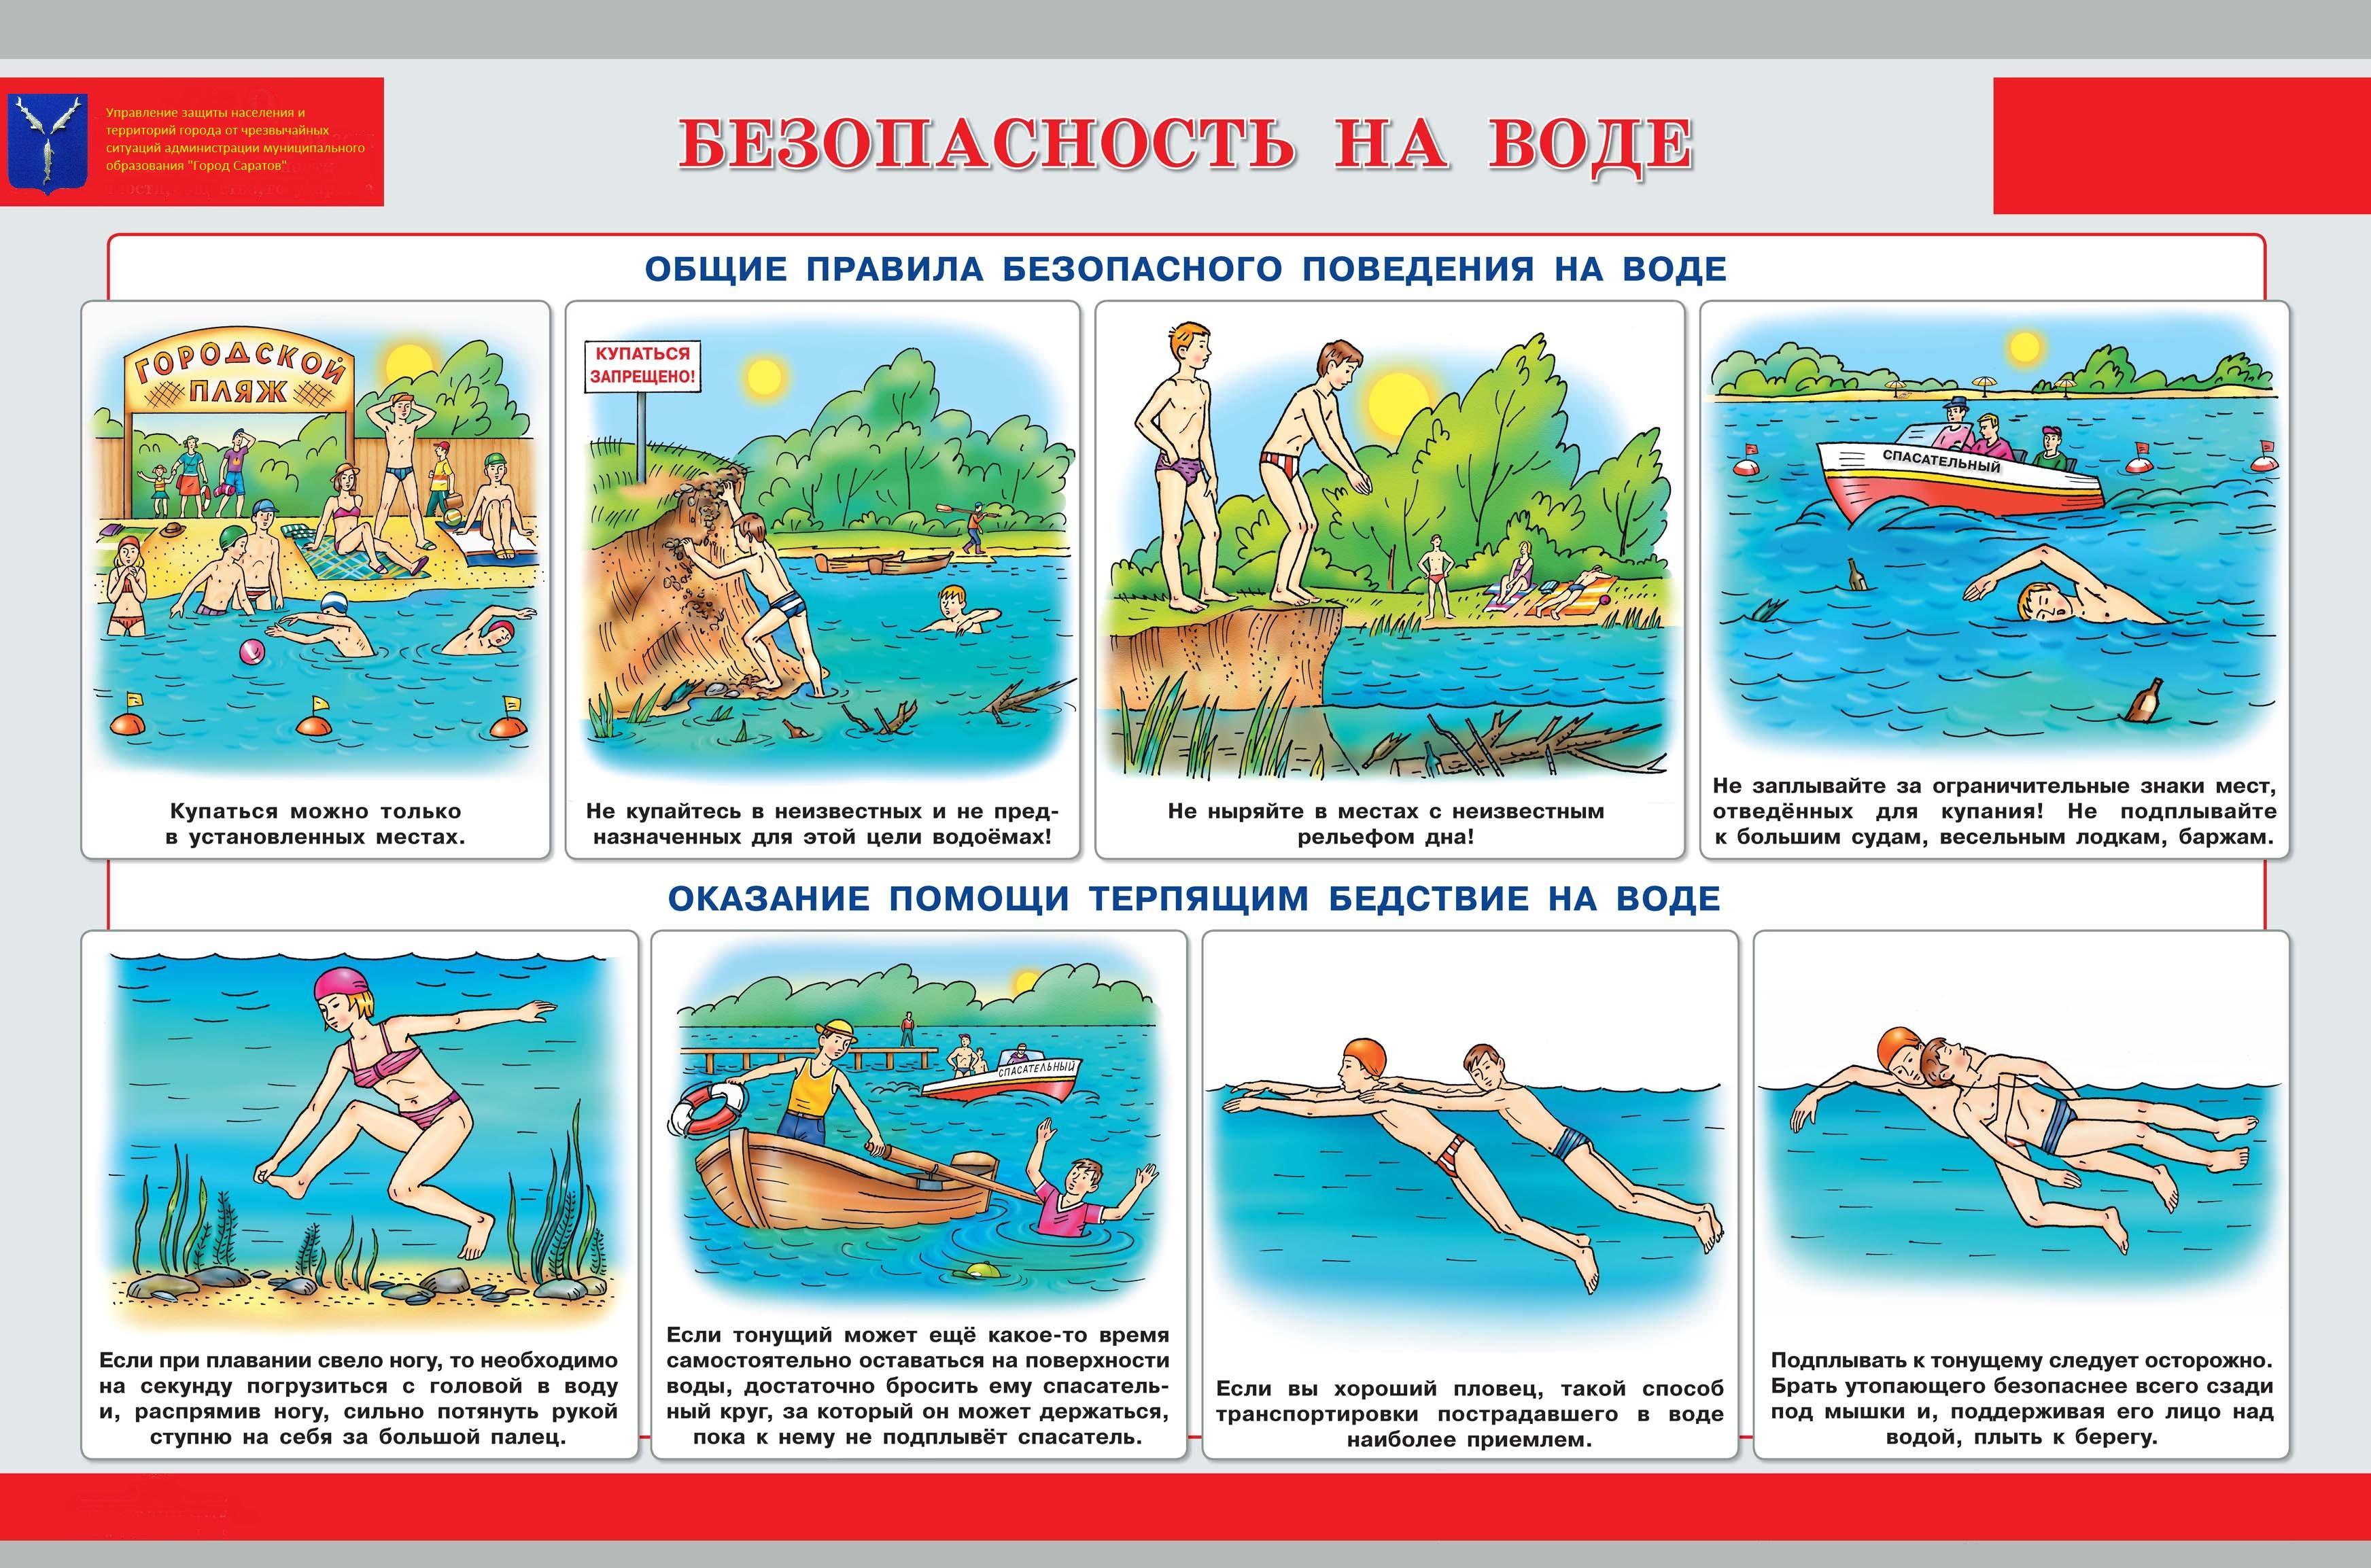 Правила безопасного поведения детей на воде